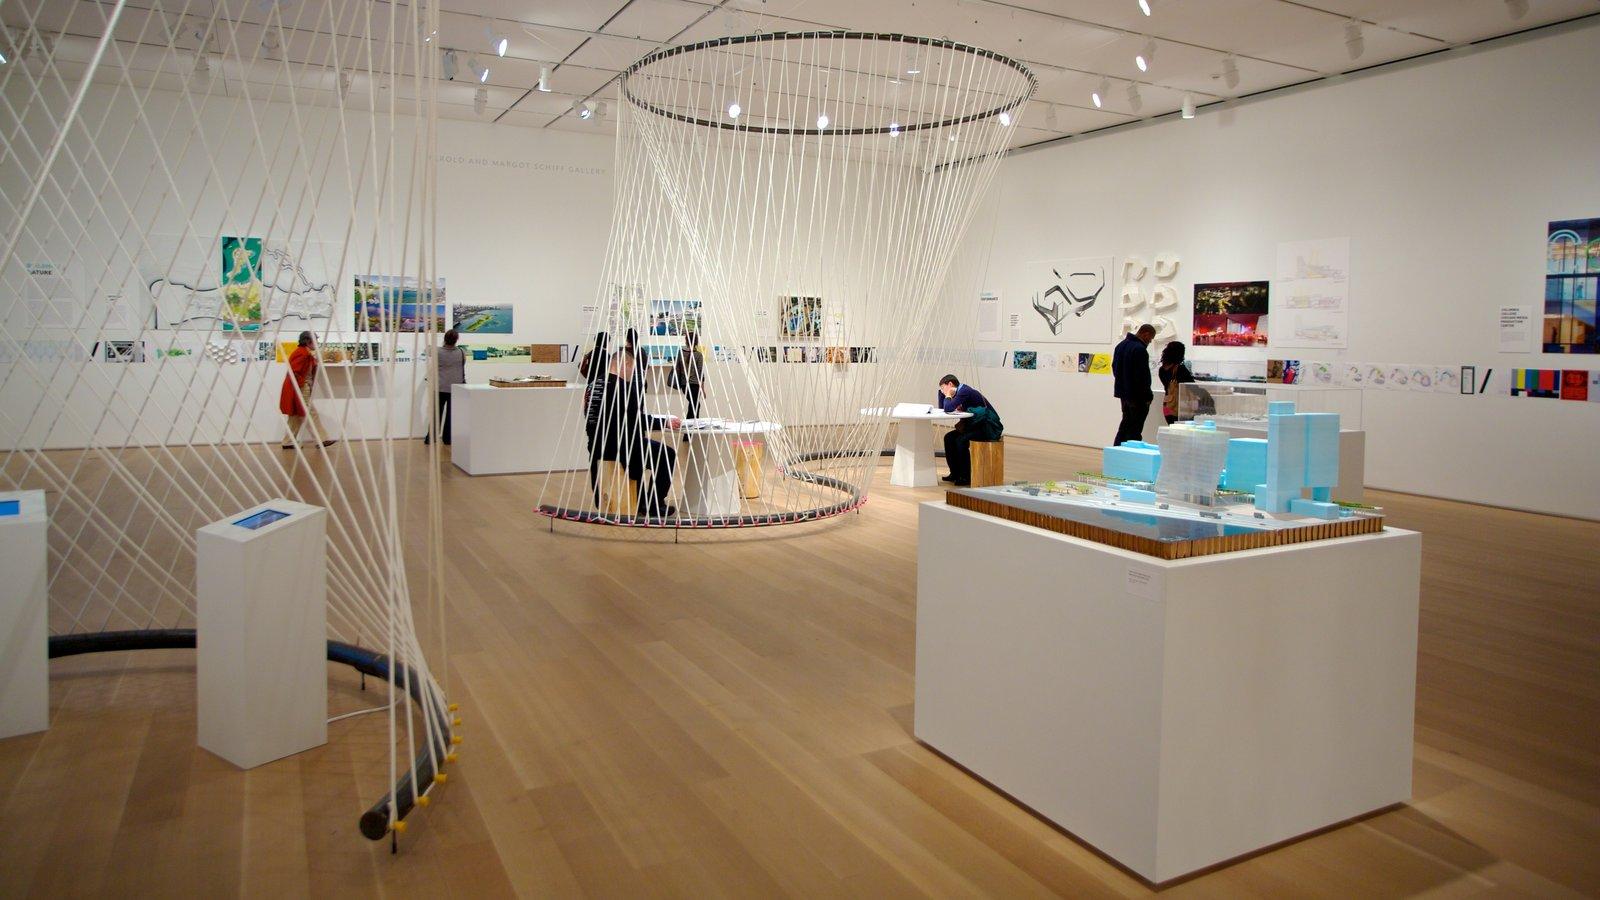 The Art Institute Of Chicago Interior Design